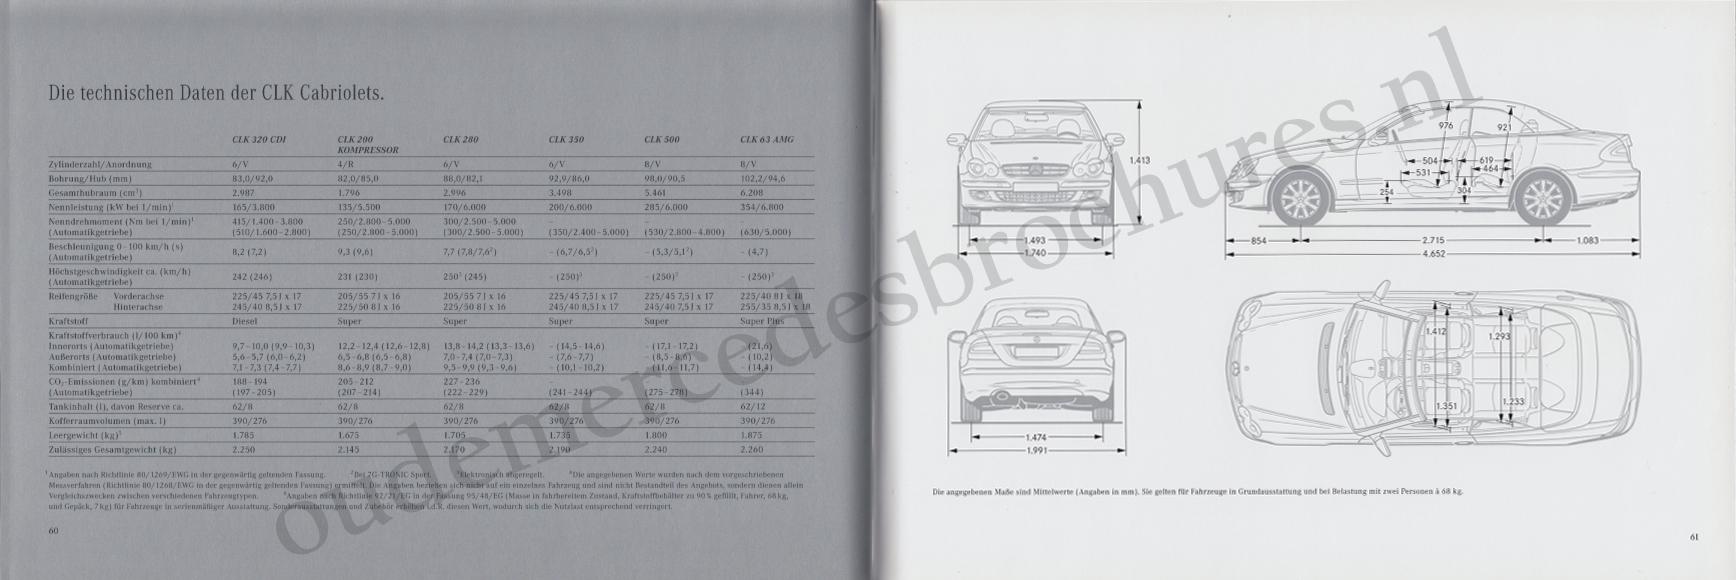 (A/C209): Catálogo 2007 - alemão 031